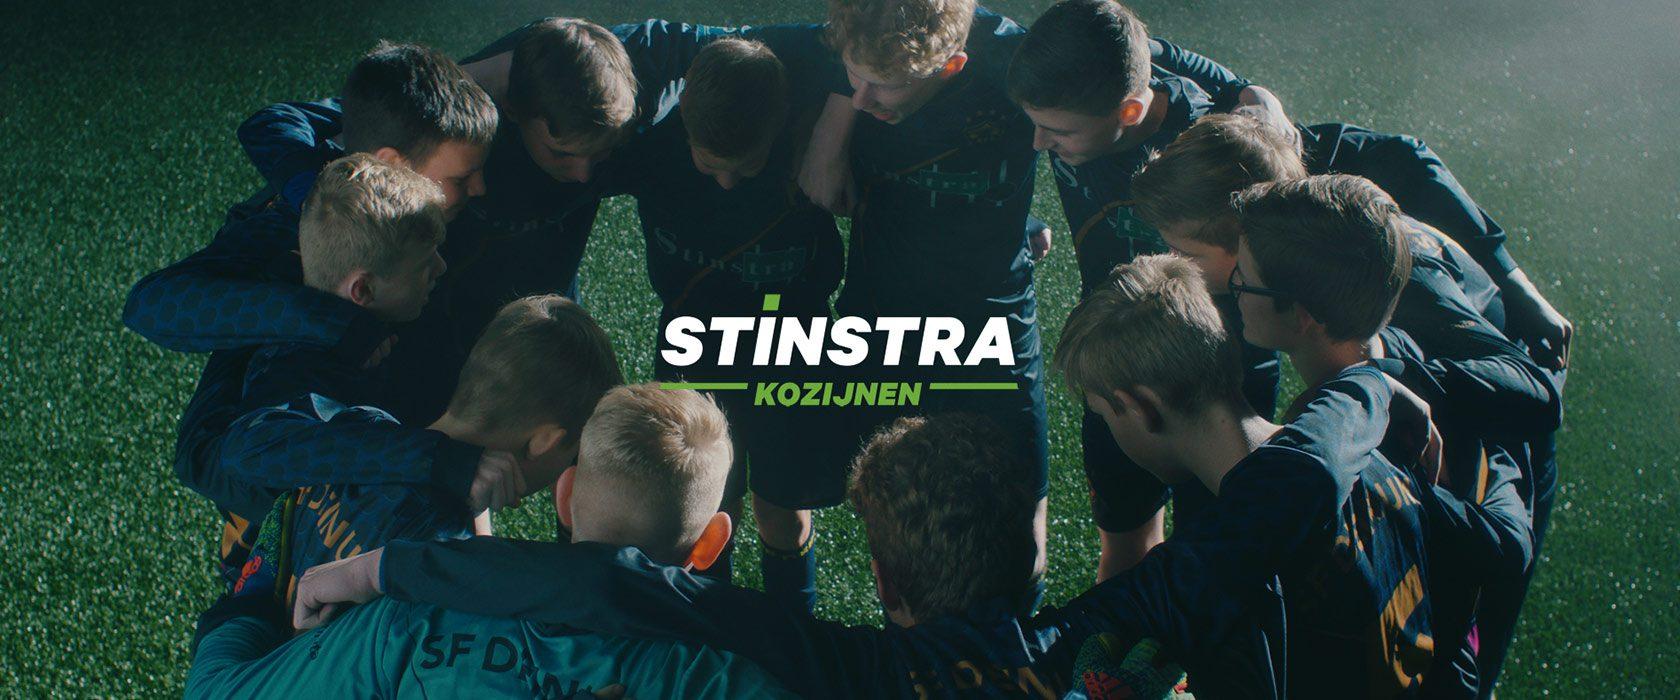 stinstra_still01